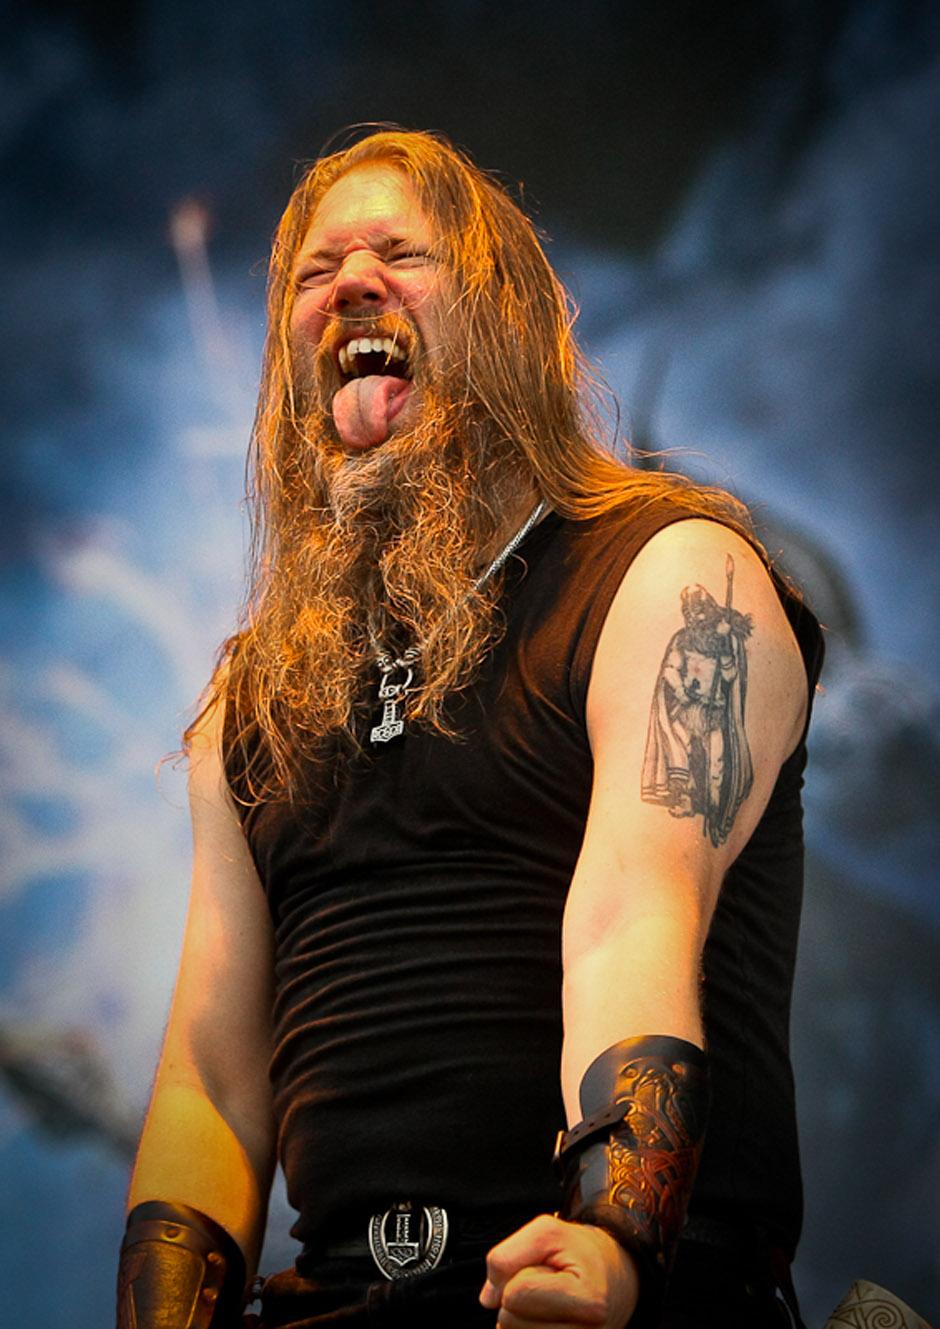 Amon Amarth live, Nova Rock 2013